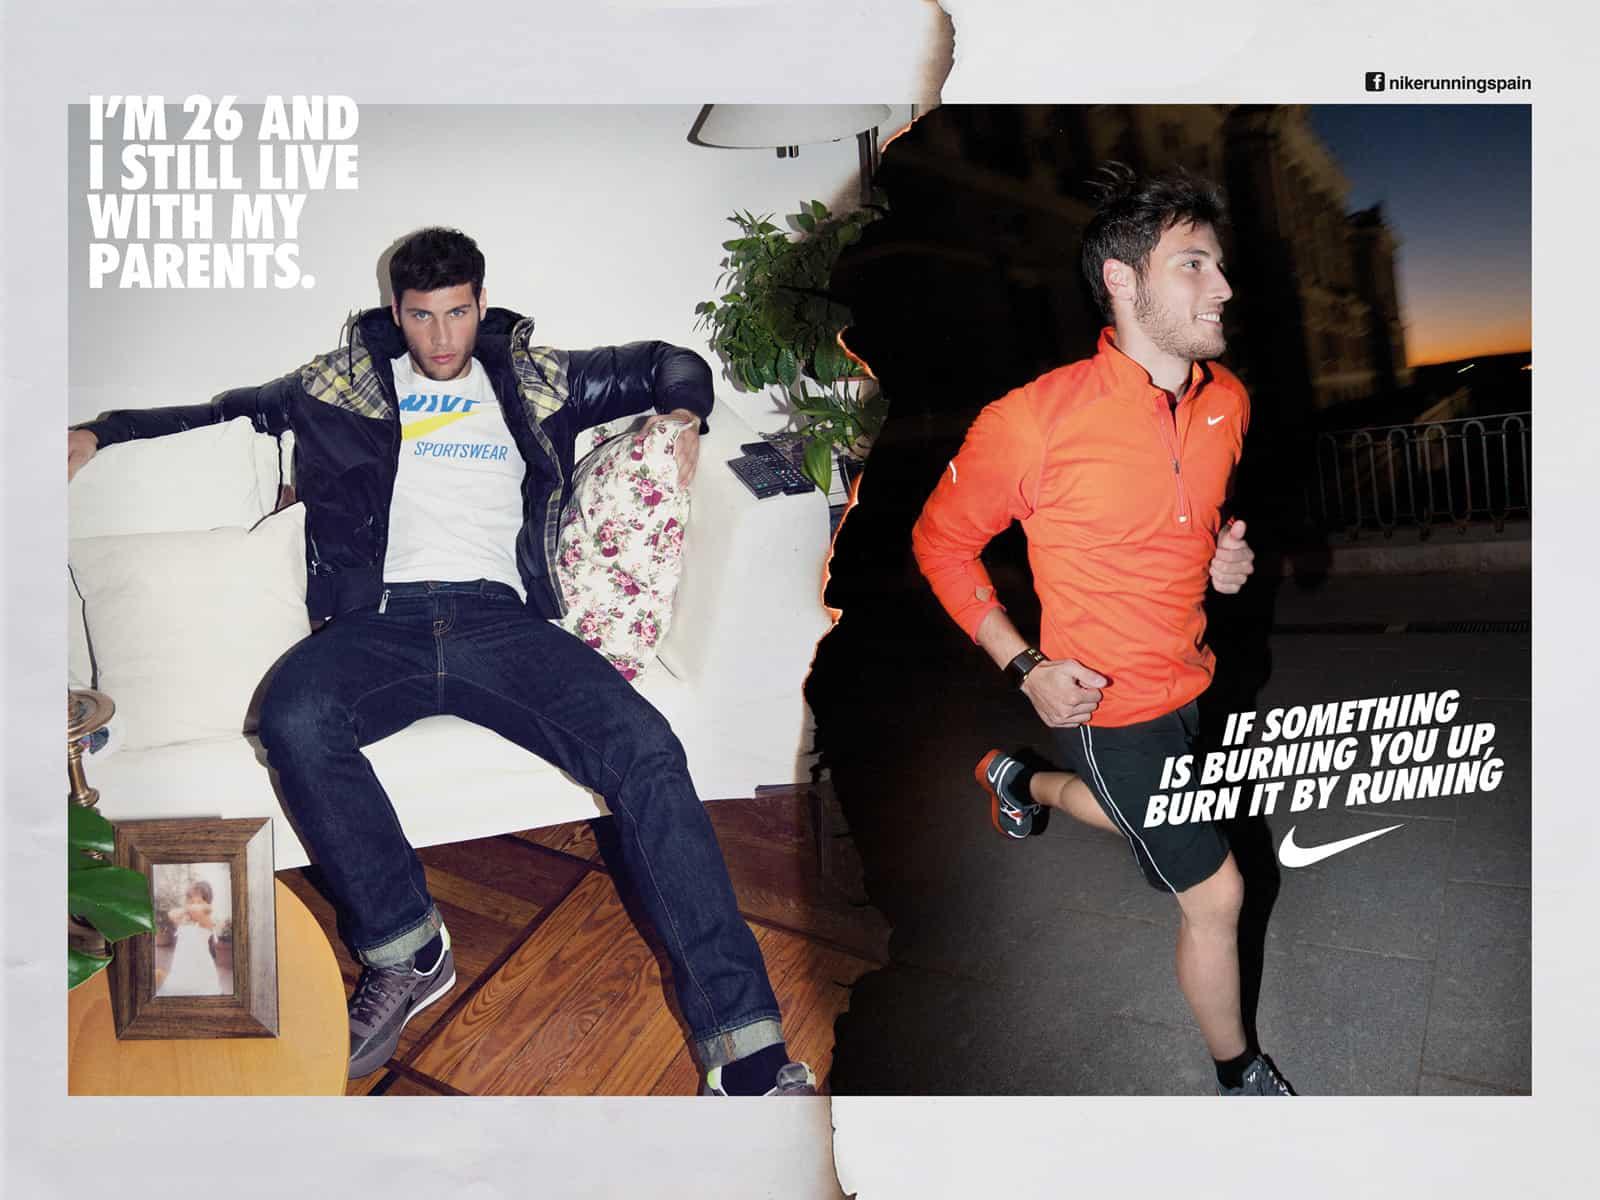 Pub Nike running